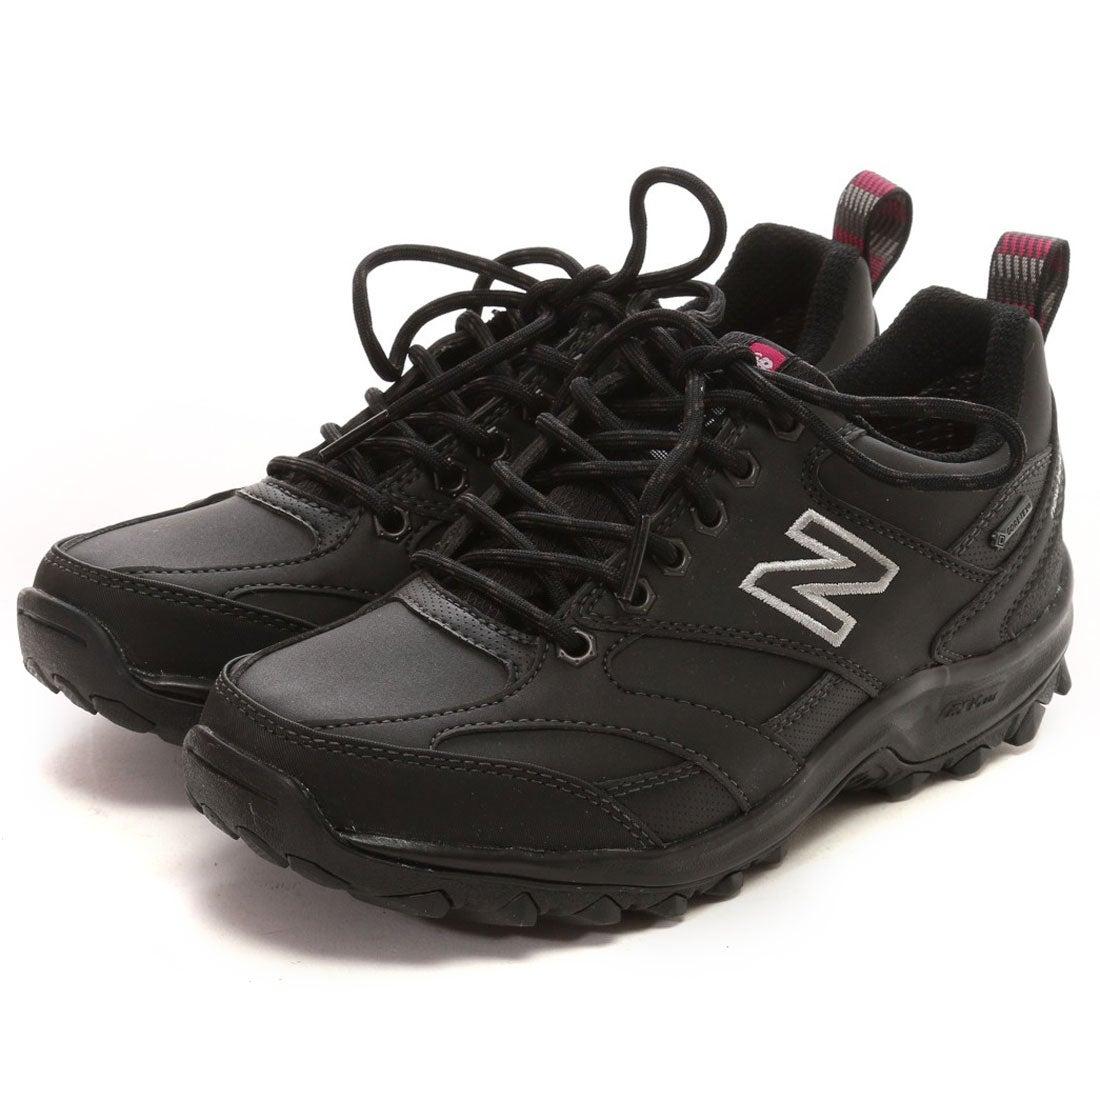 d5469e56aa711 ニューバランス new balance NB WW933 2E GBK (ブラック) -レディースファッション通販 ロコンドガールズコレクション  (LOCONDO GIRL'S COLLECTION)